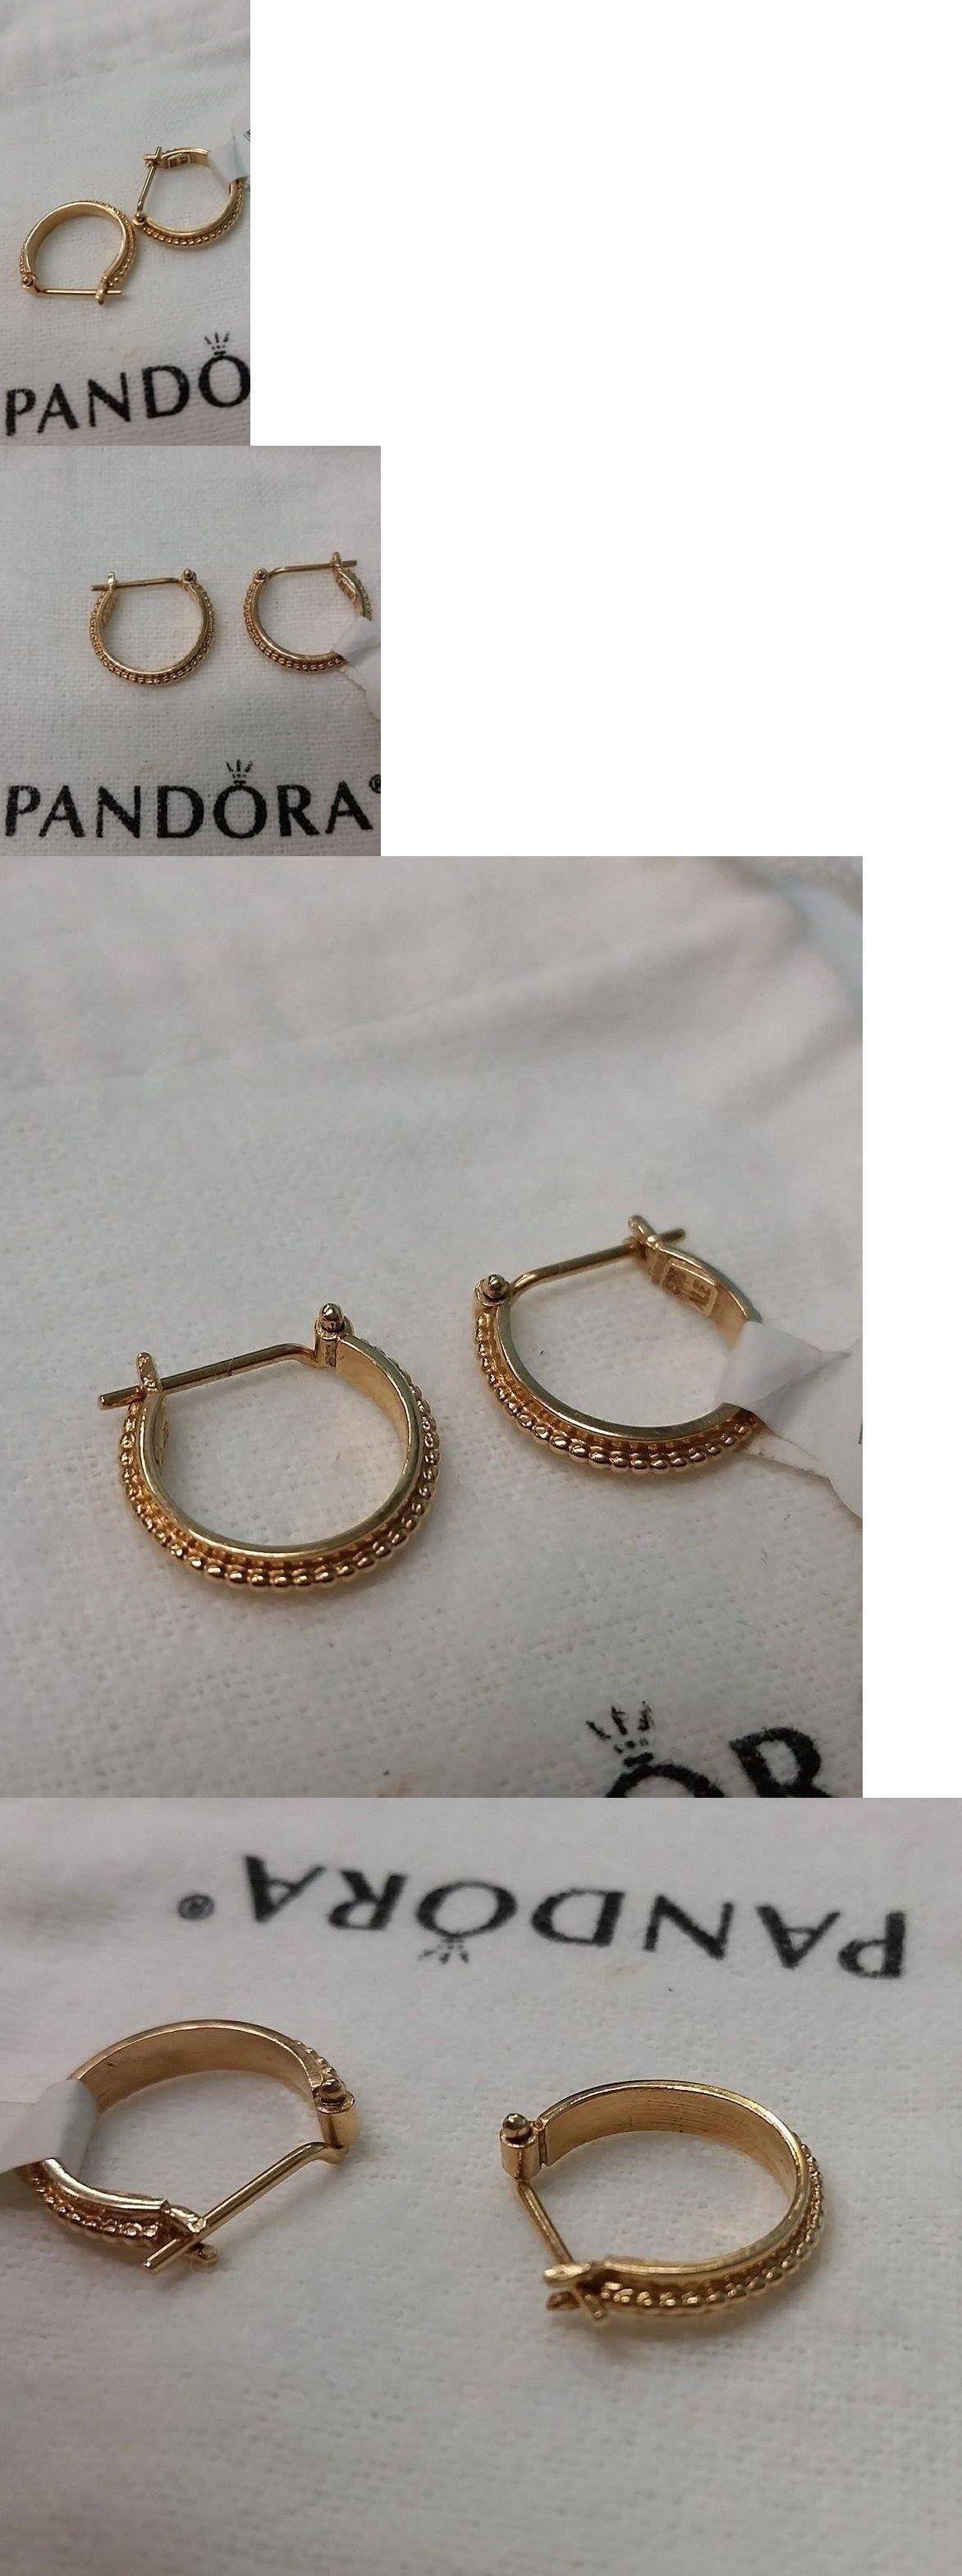 b73a1d7717e Other Fine Earrings 10984: Pandora | 14K Gold Sun Hoops Earrings ...